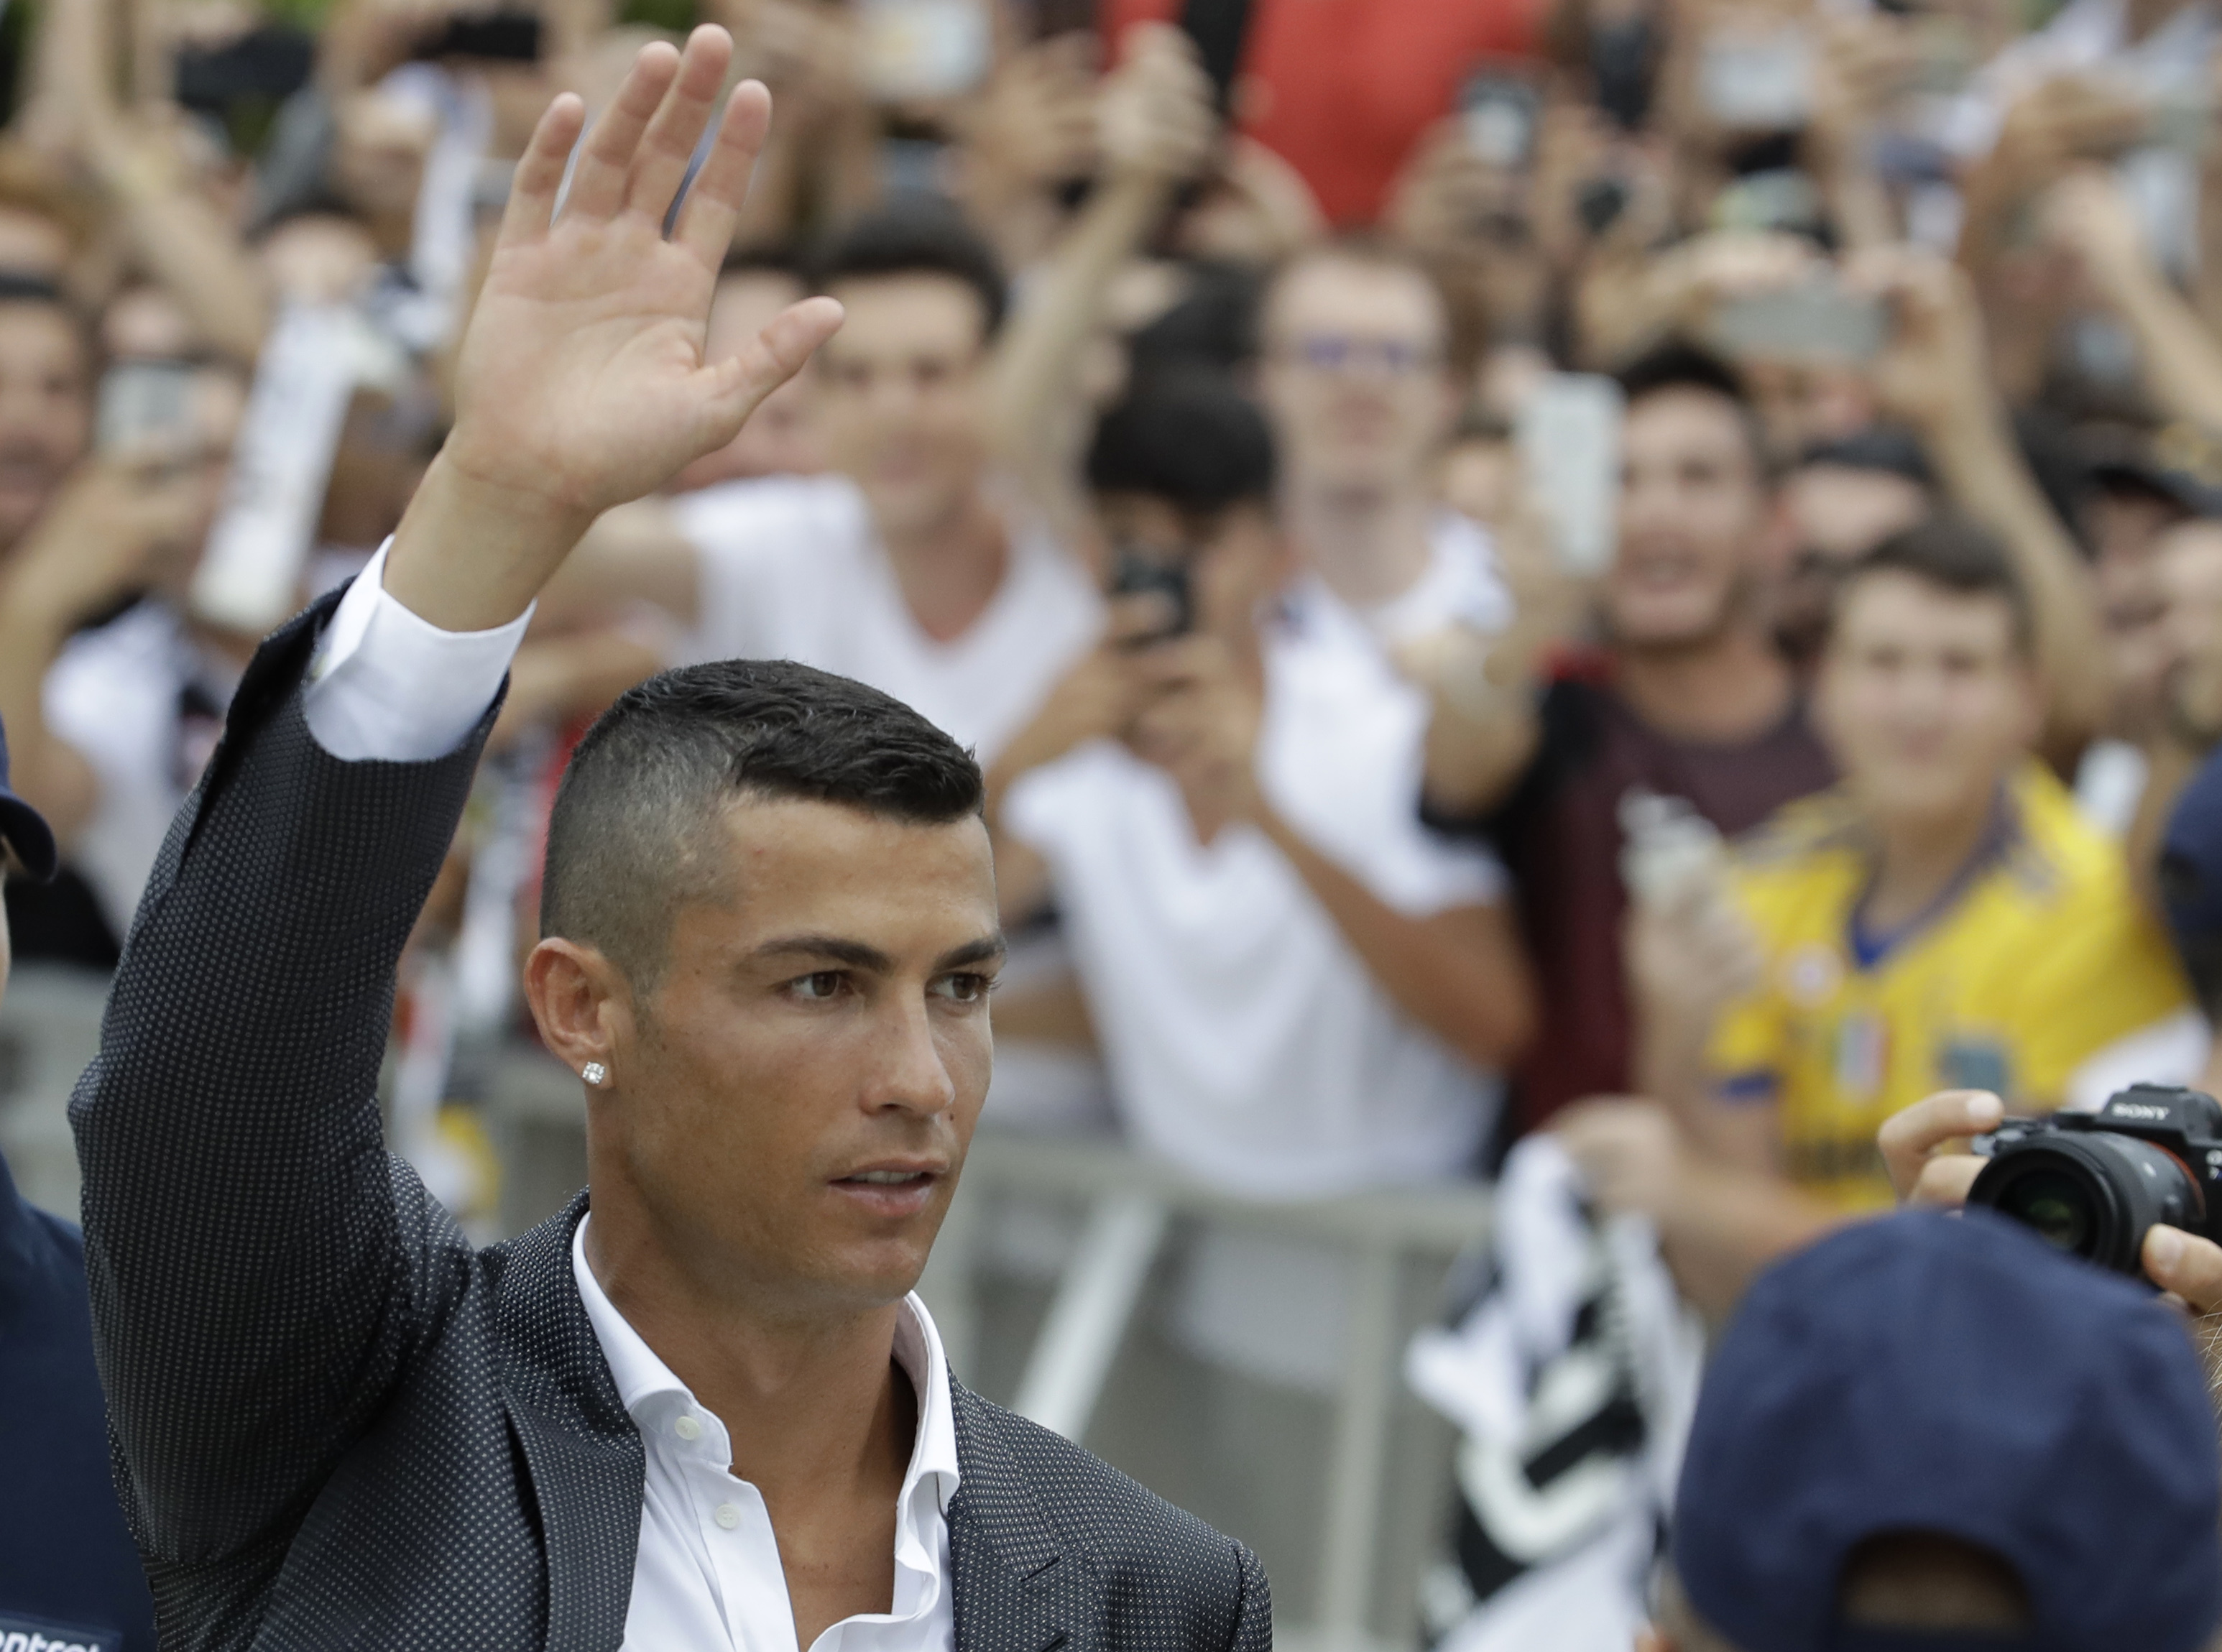 Ronaldo já está instalado em Turim, onde vai representar a Juventus, depois de quase uma década no Real Madrid. / Gtres